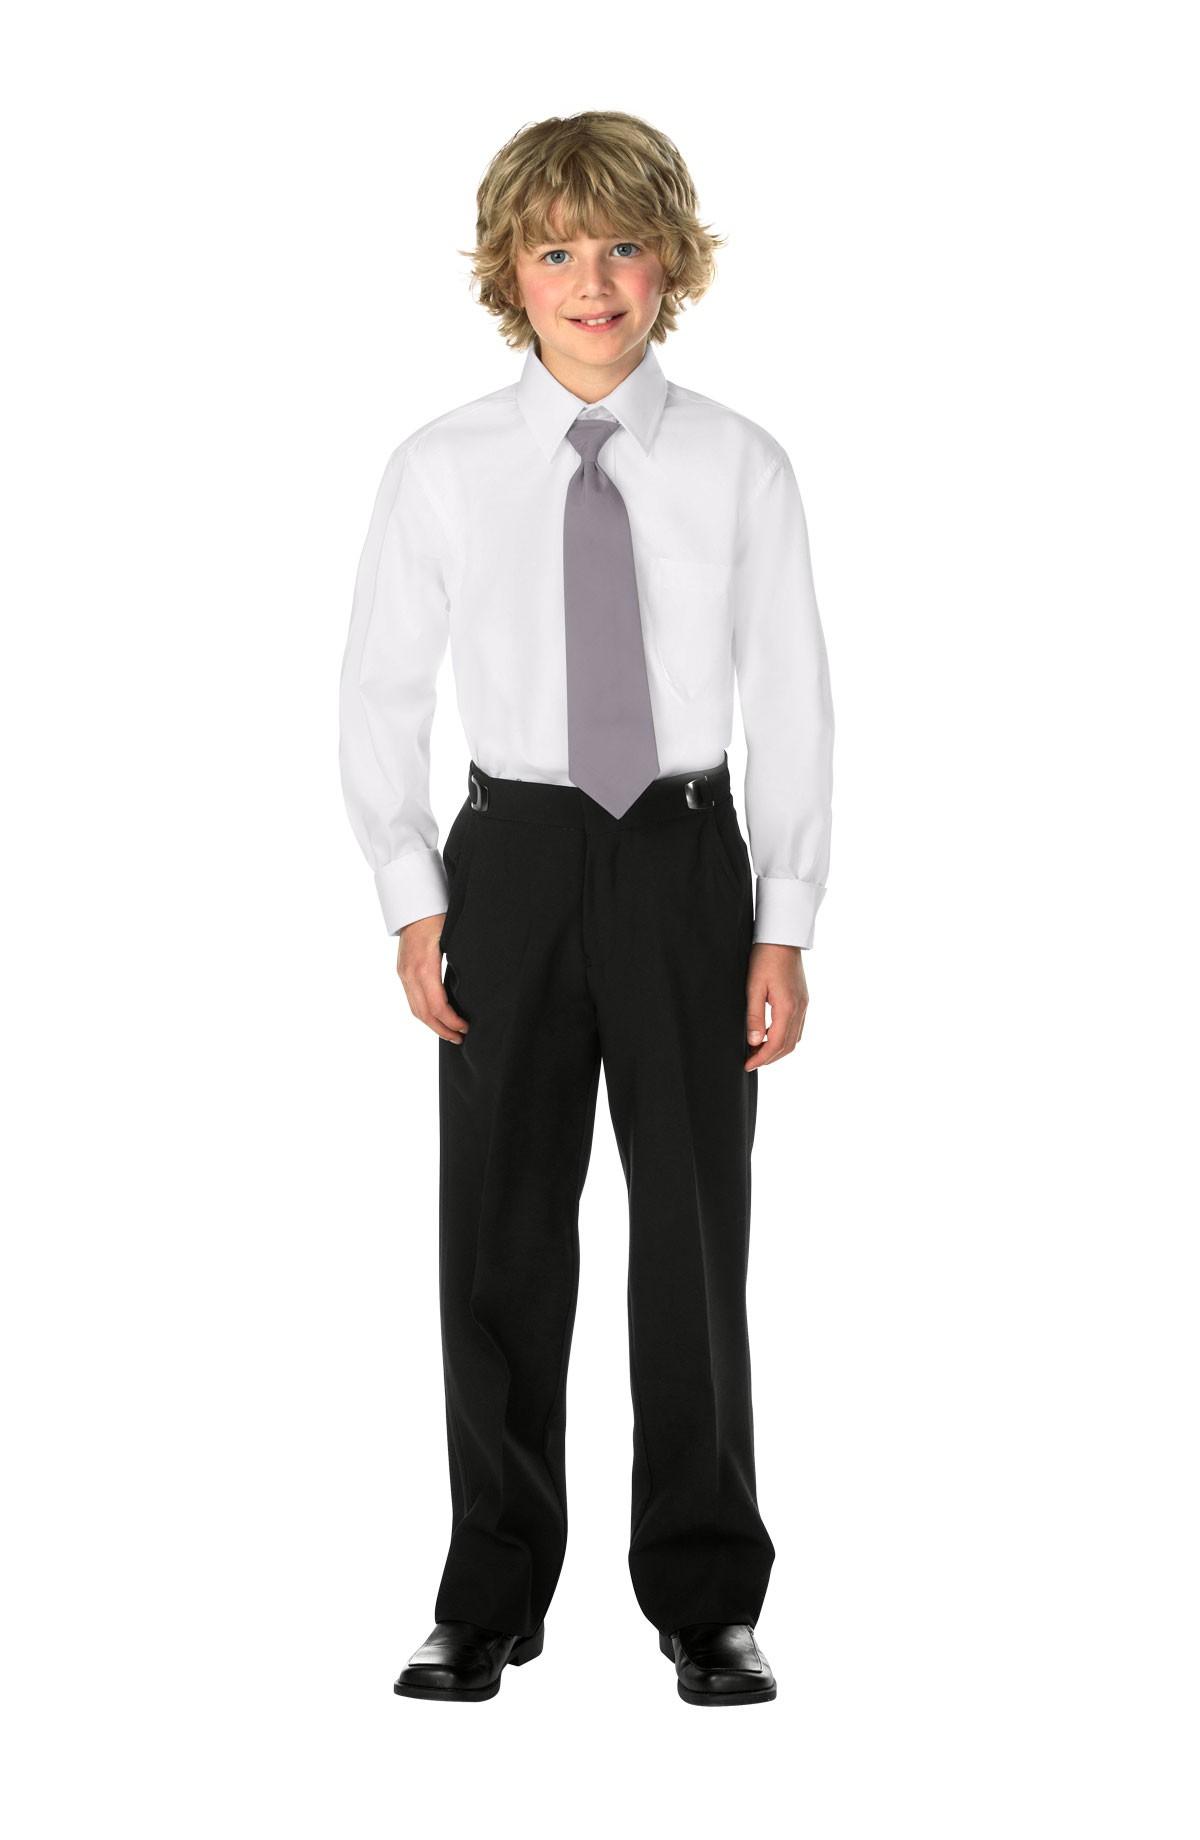 Children's Softended Taffeta Necktie